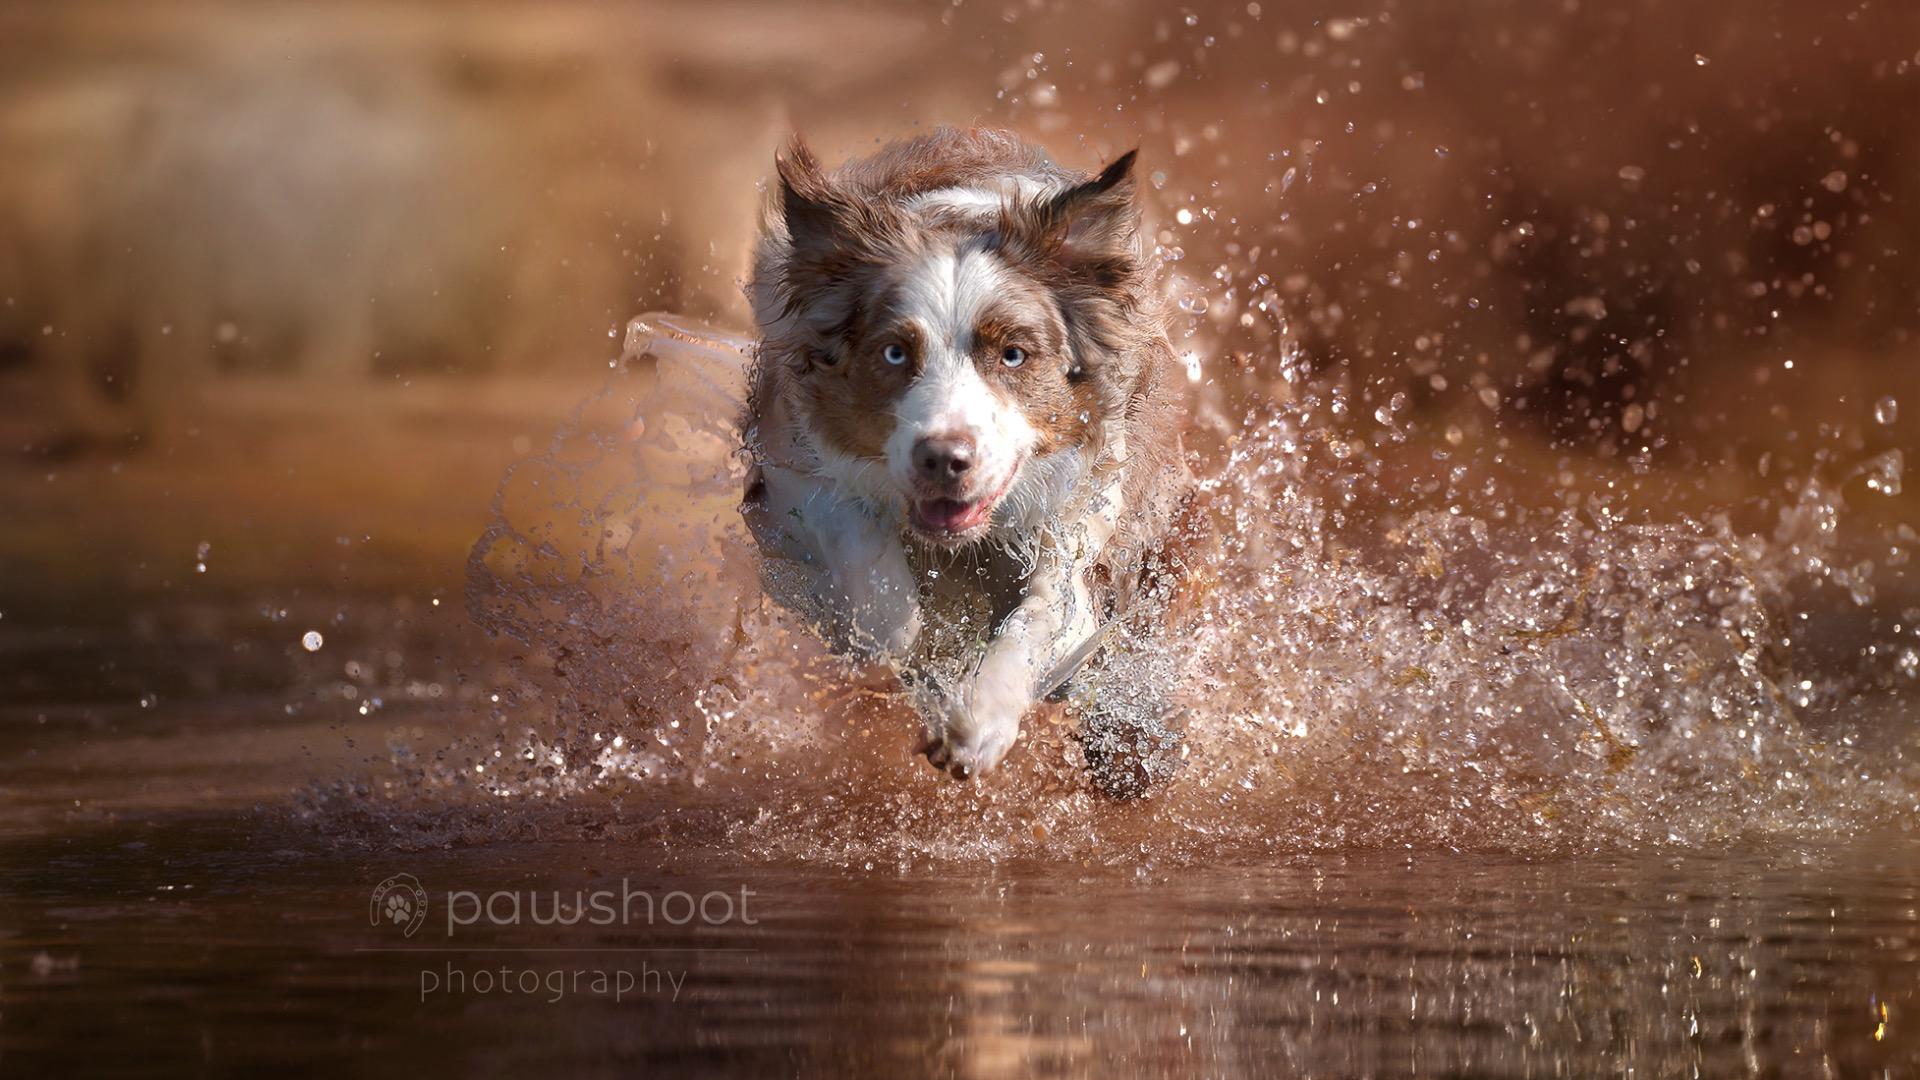 hond in actie zoom.nl Pawshoot hondenfotografie